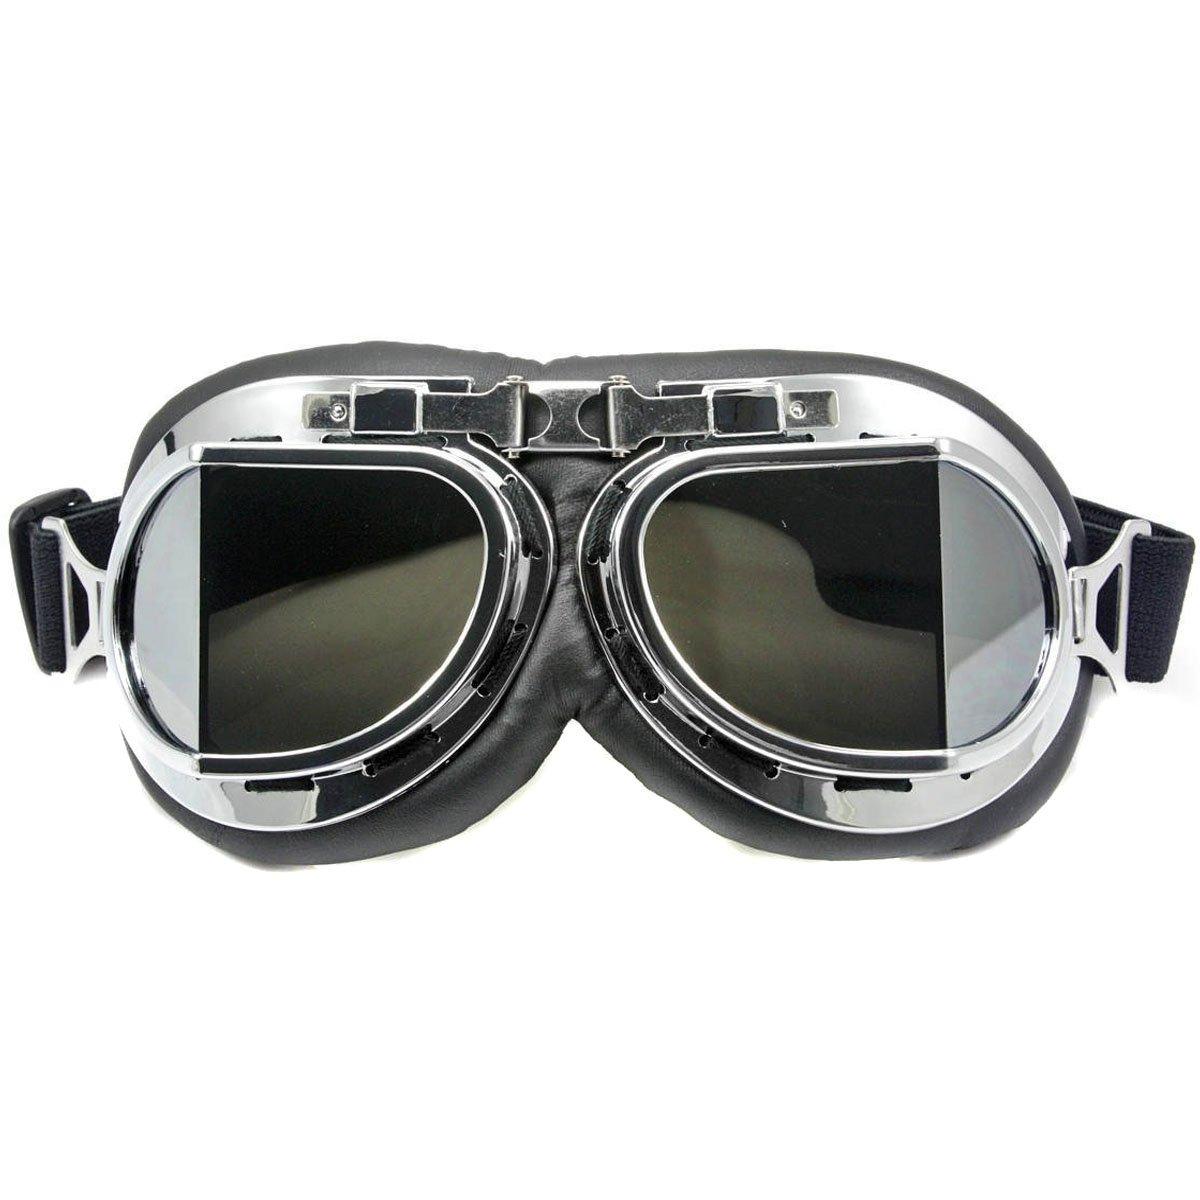 Nsstar - Occhiali da pilota della RAF per moto, scooter, motocross, protezione solare anti UV e anti vento, telaio cromato, Yellow, Misura unica